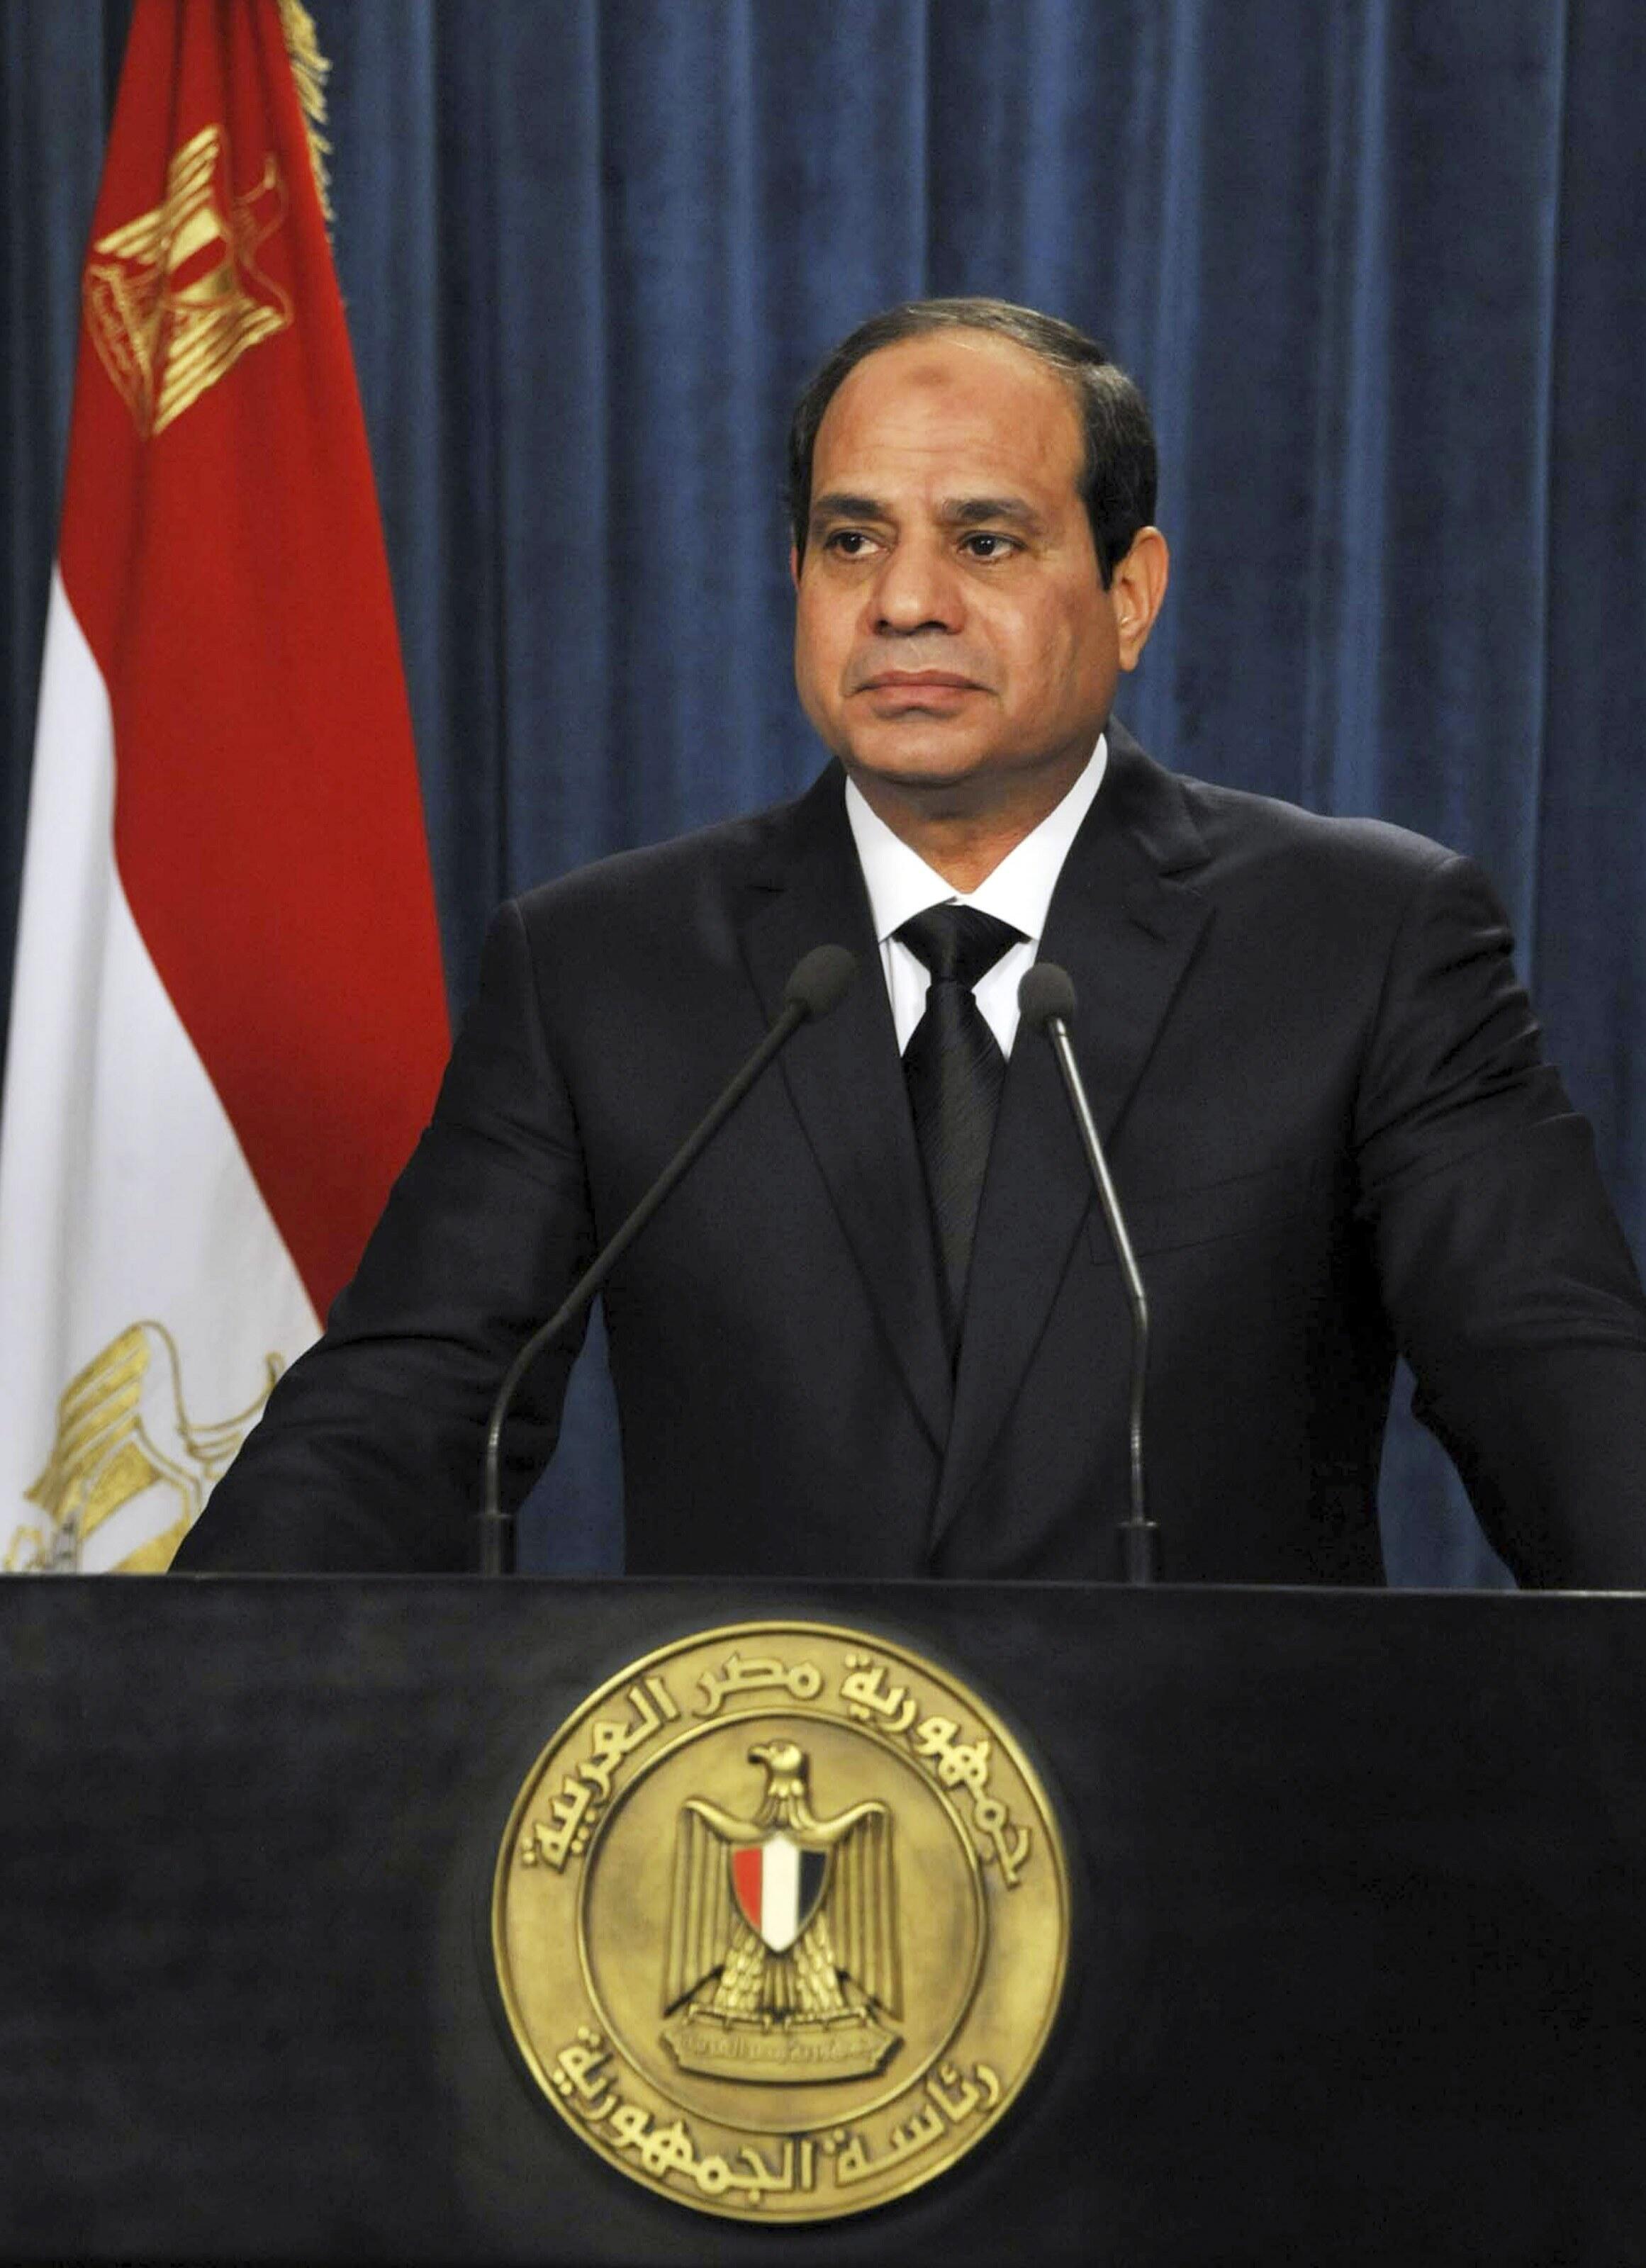 Shugaban kasar Masar, Abdel Fattah al-Sisi